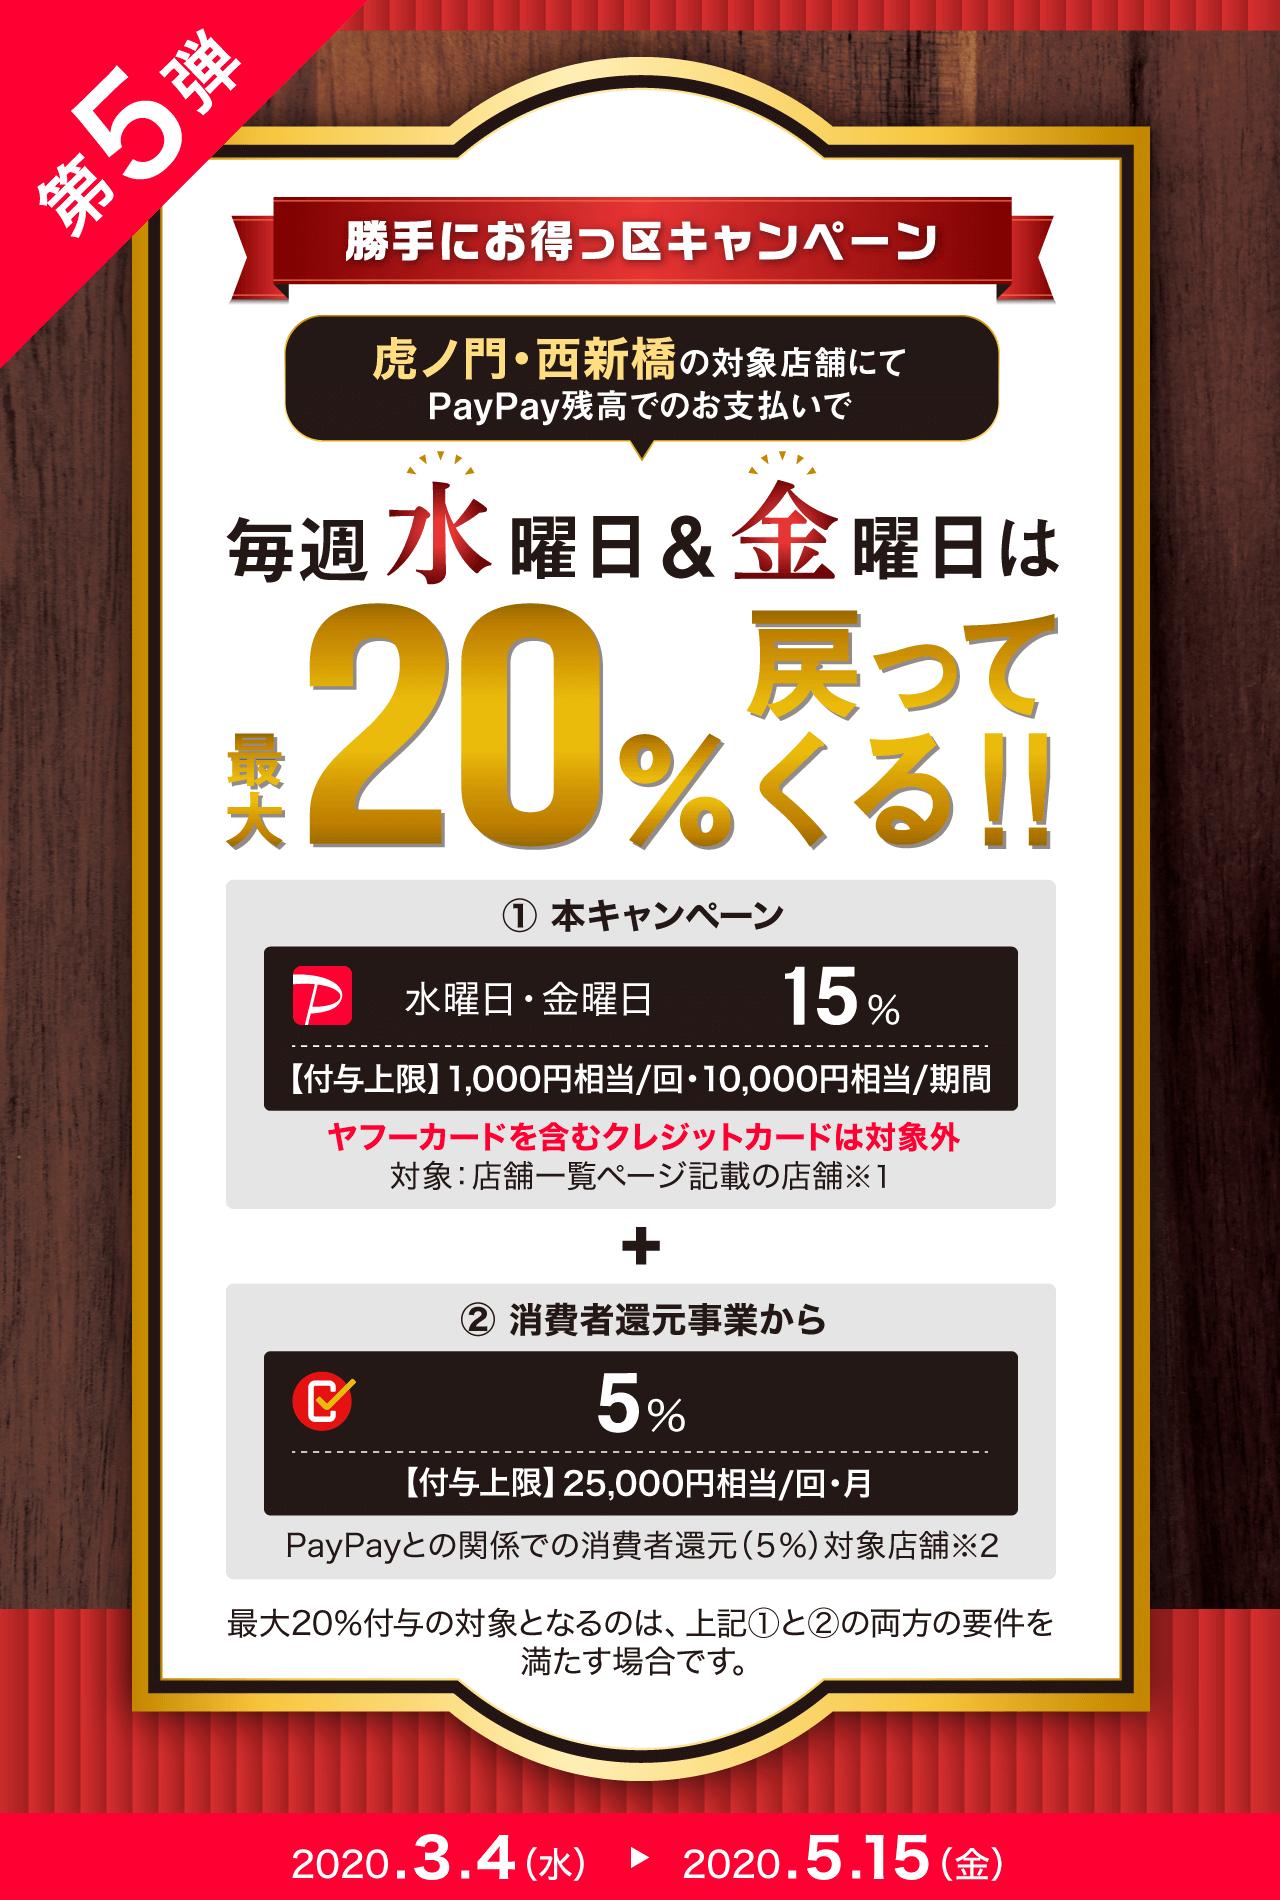 虎ノ門・西新橋の対象店舗にてPayPay残高でのお支払いで 毎週水曜日&金曜日は 最大20%戻ってくる!